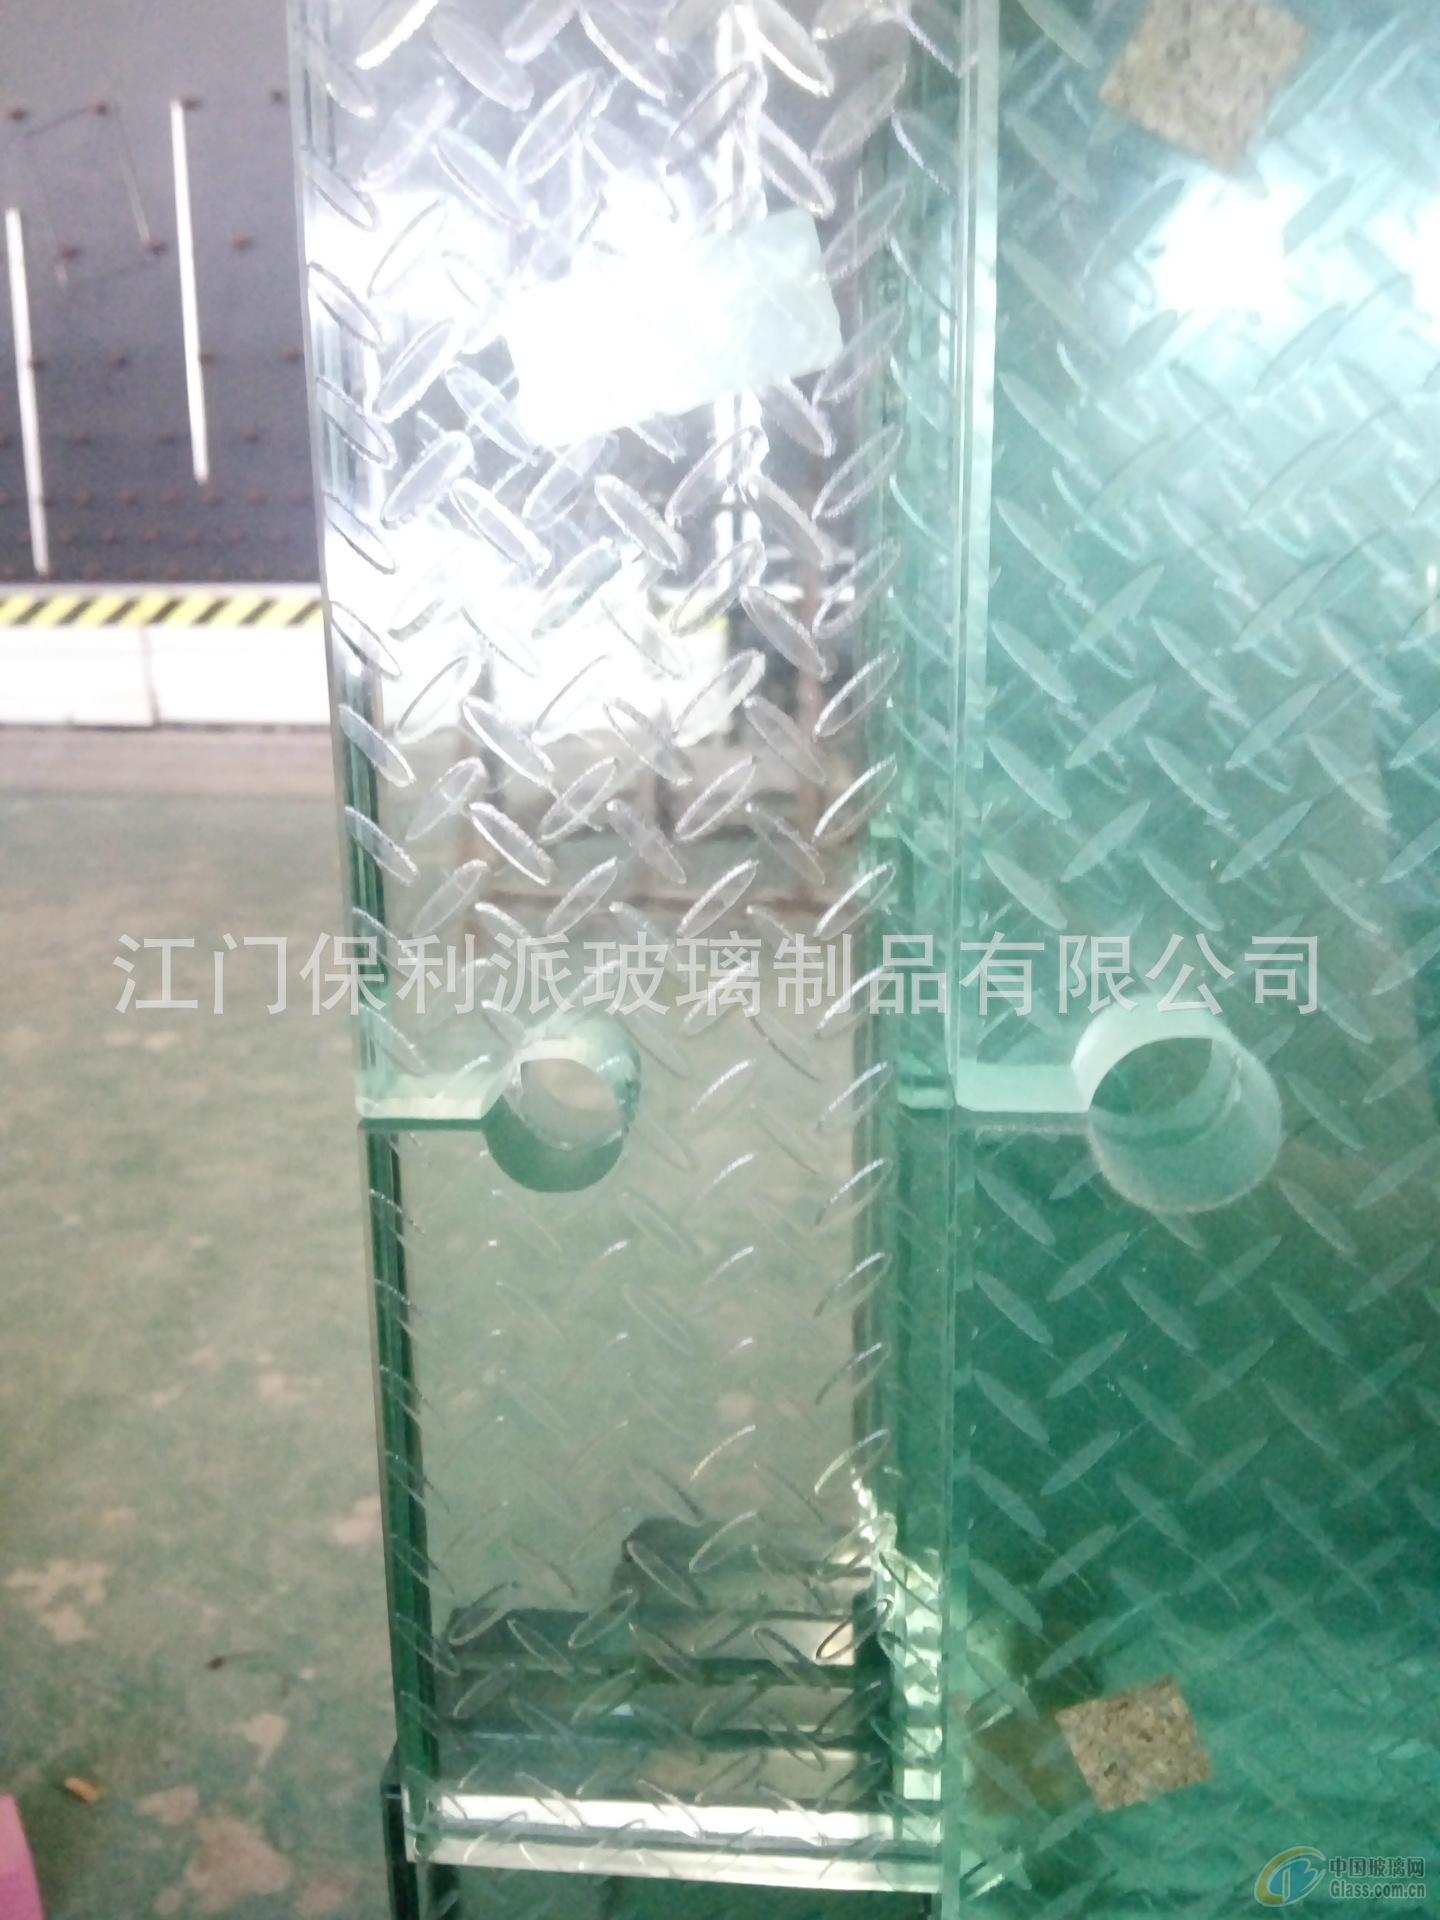 防滑玻璃 凹凸纹理玻璃 楼梯踩踏